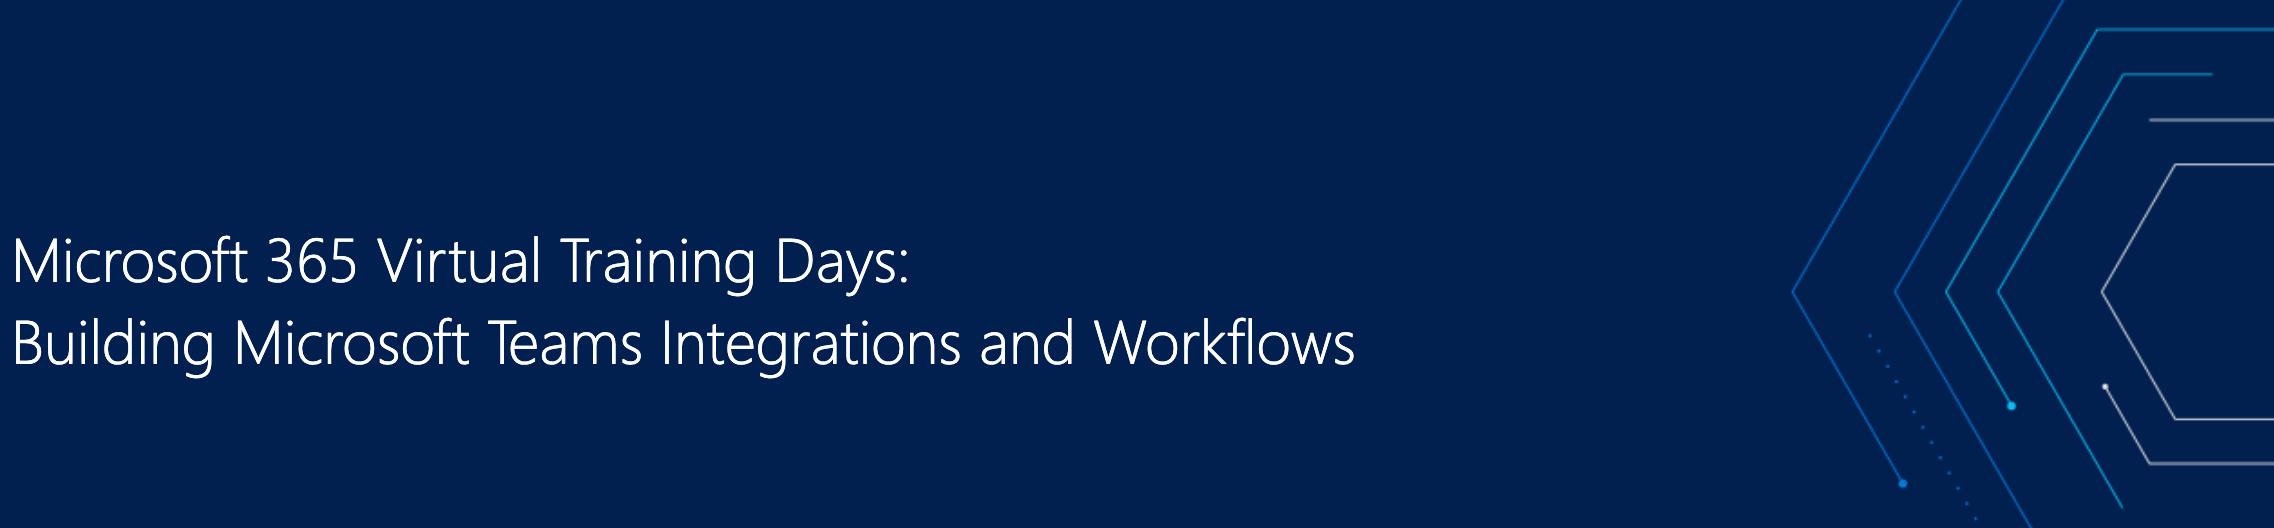 Построение интеграции и рабочих процессов Microsoft Teams